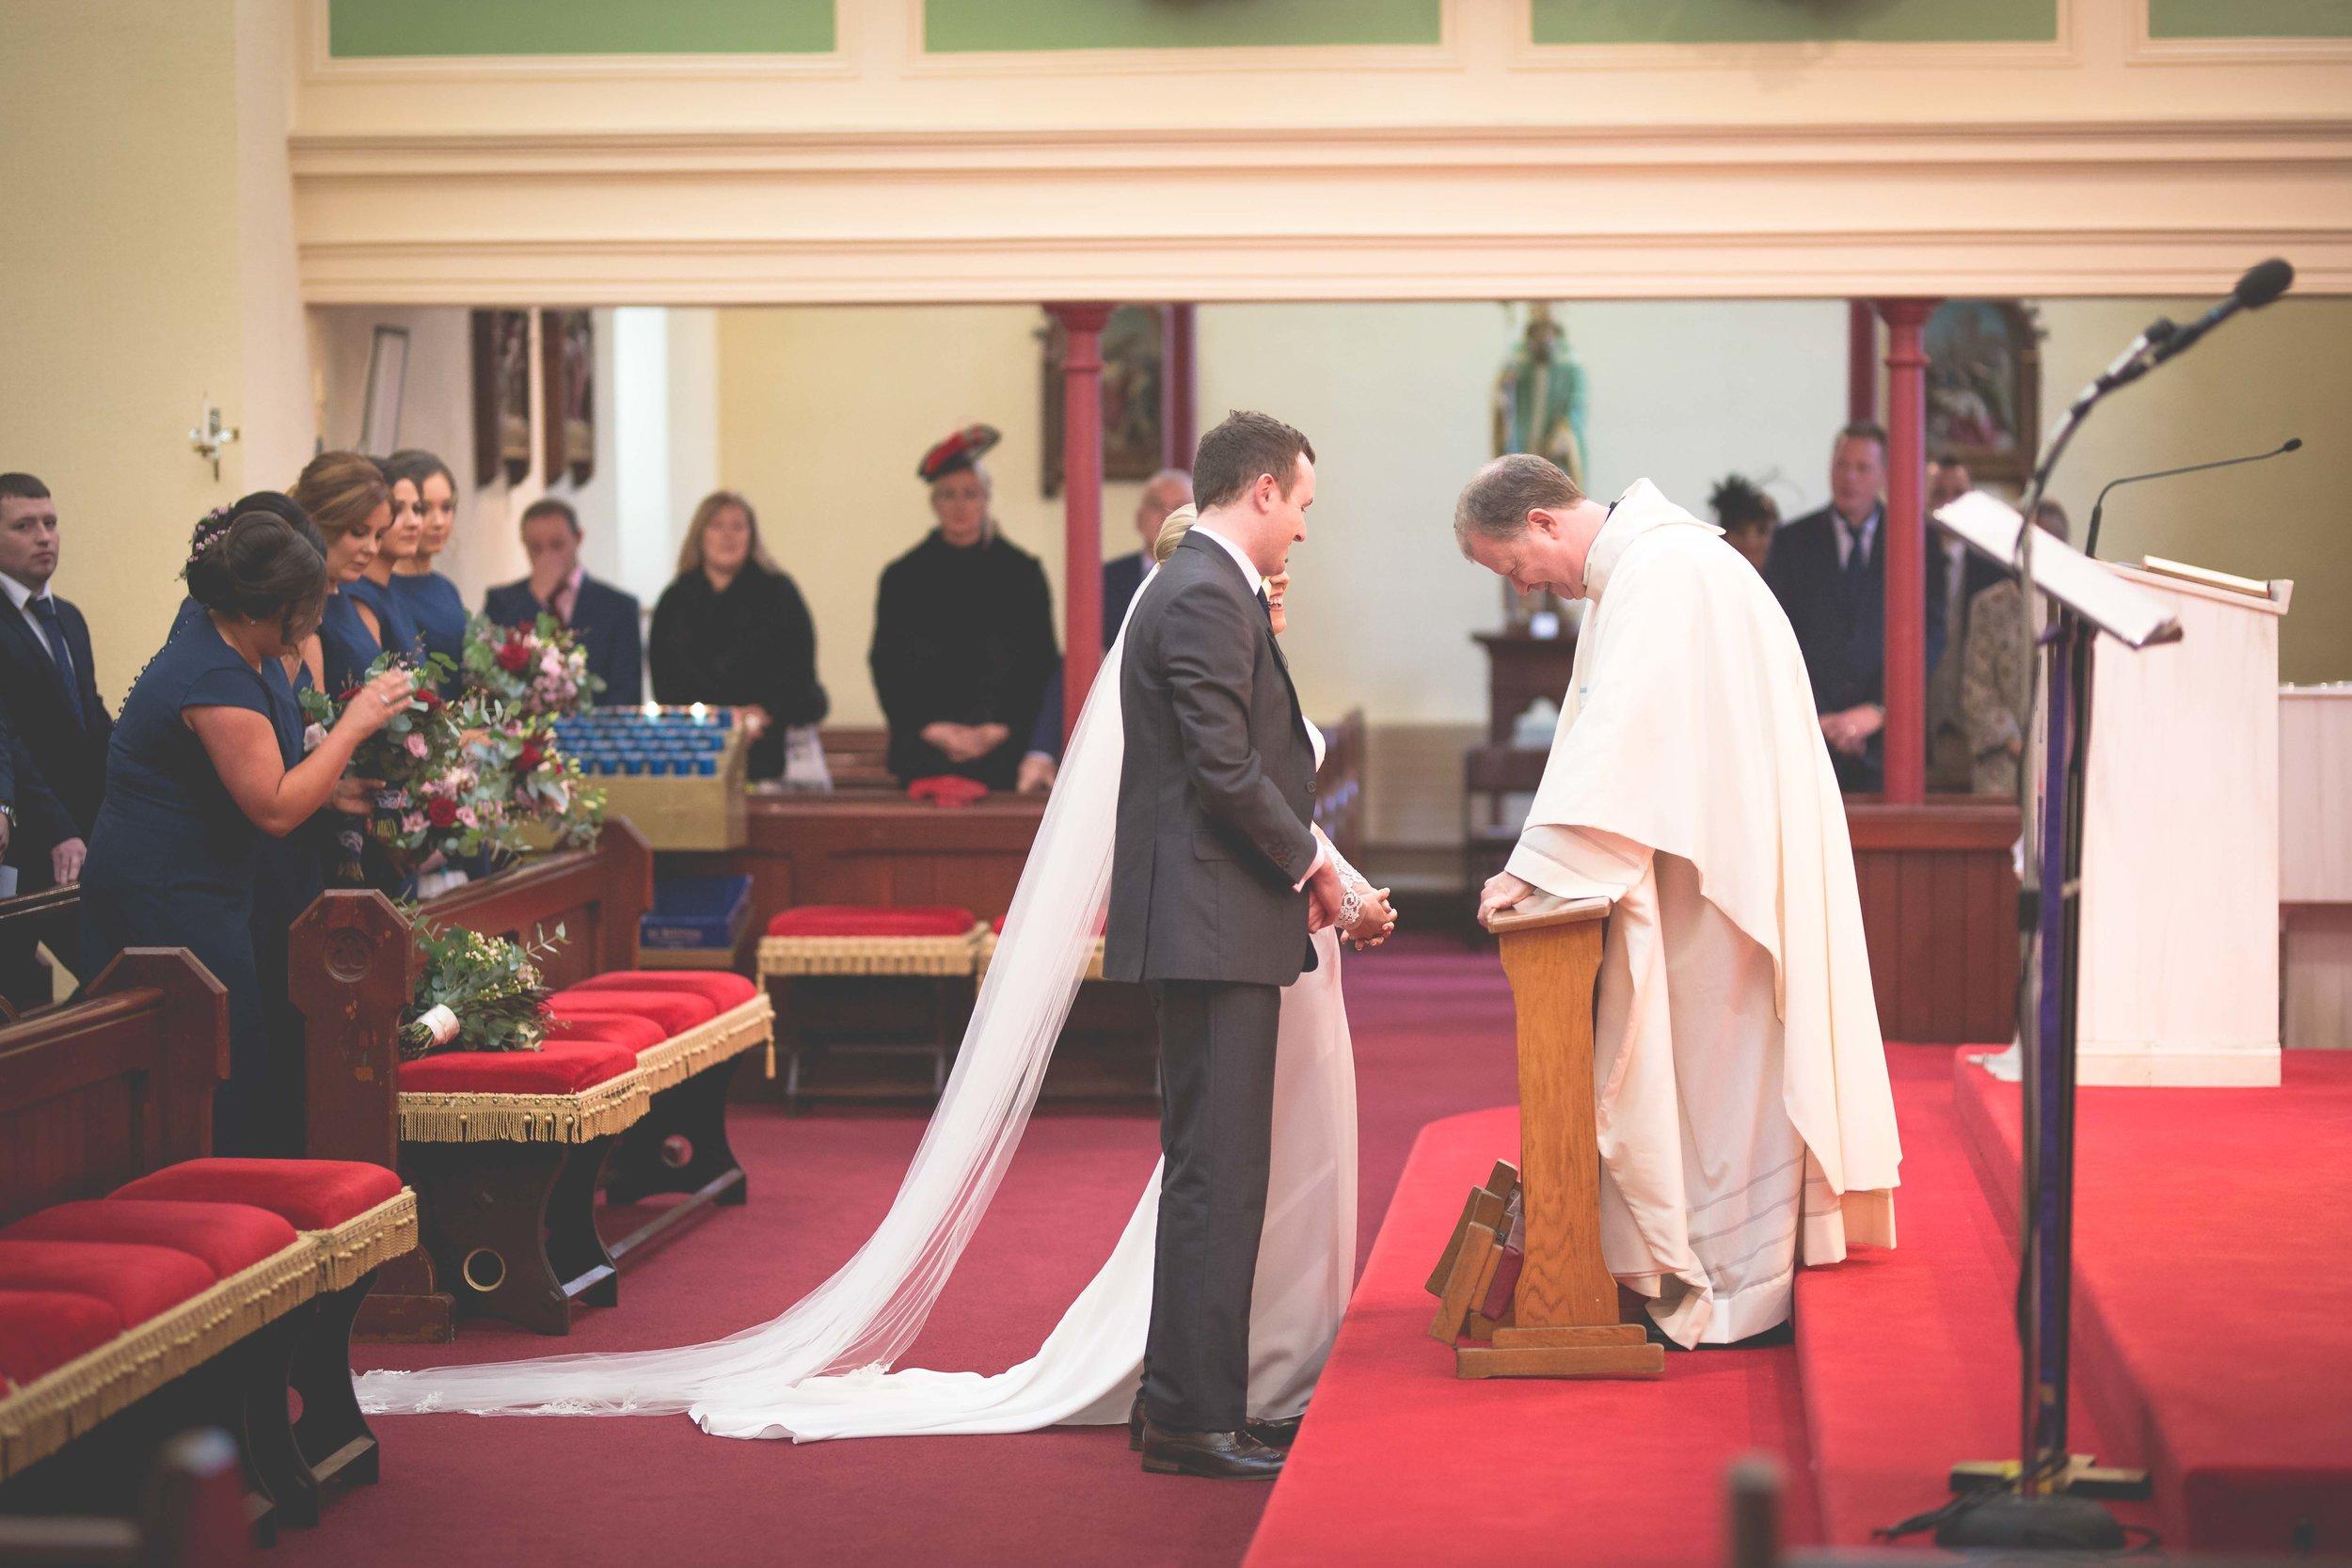 MaryJo_Conor_Mageean_Ceremony-38.jpg